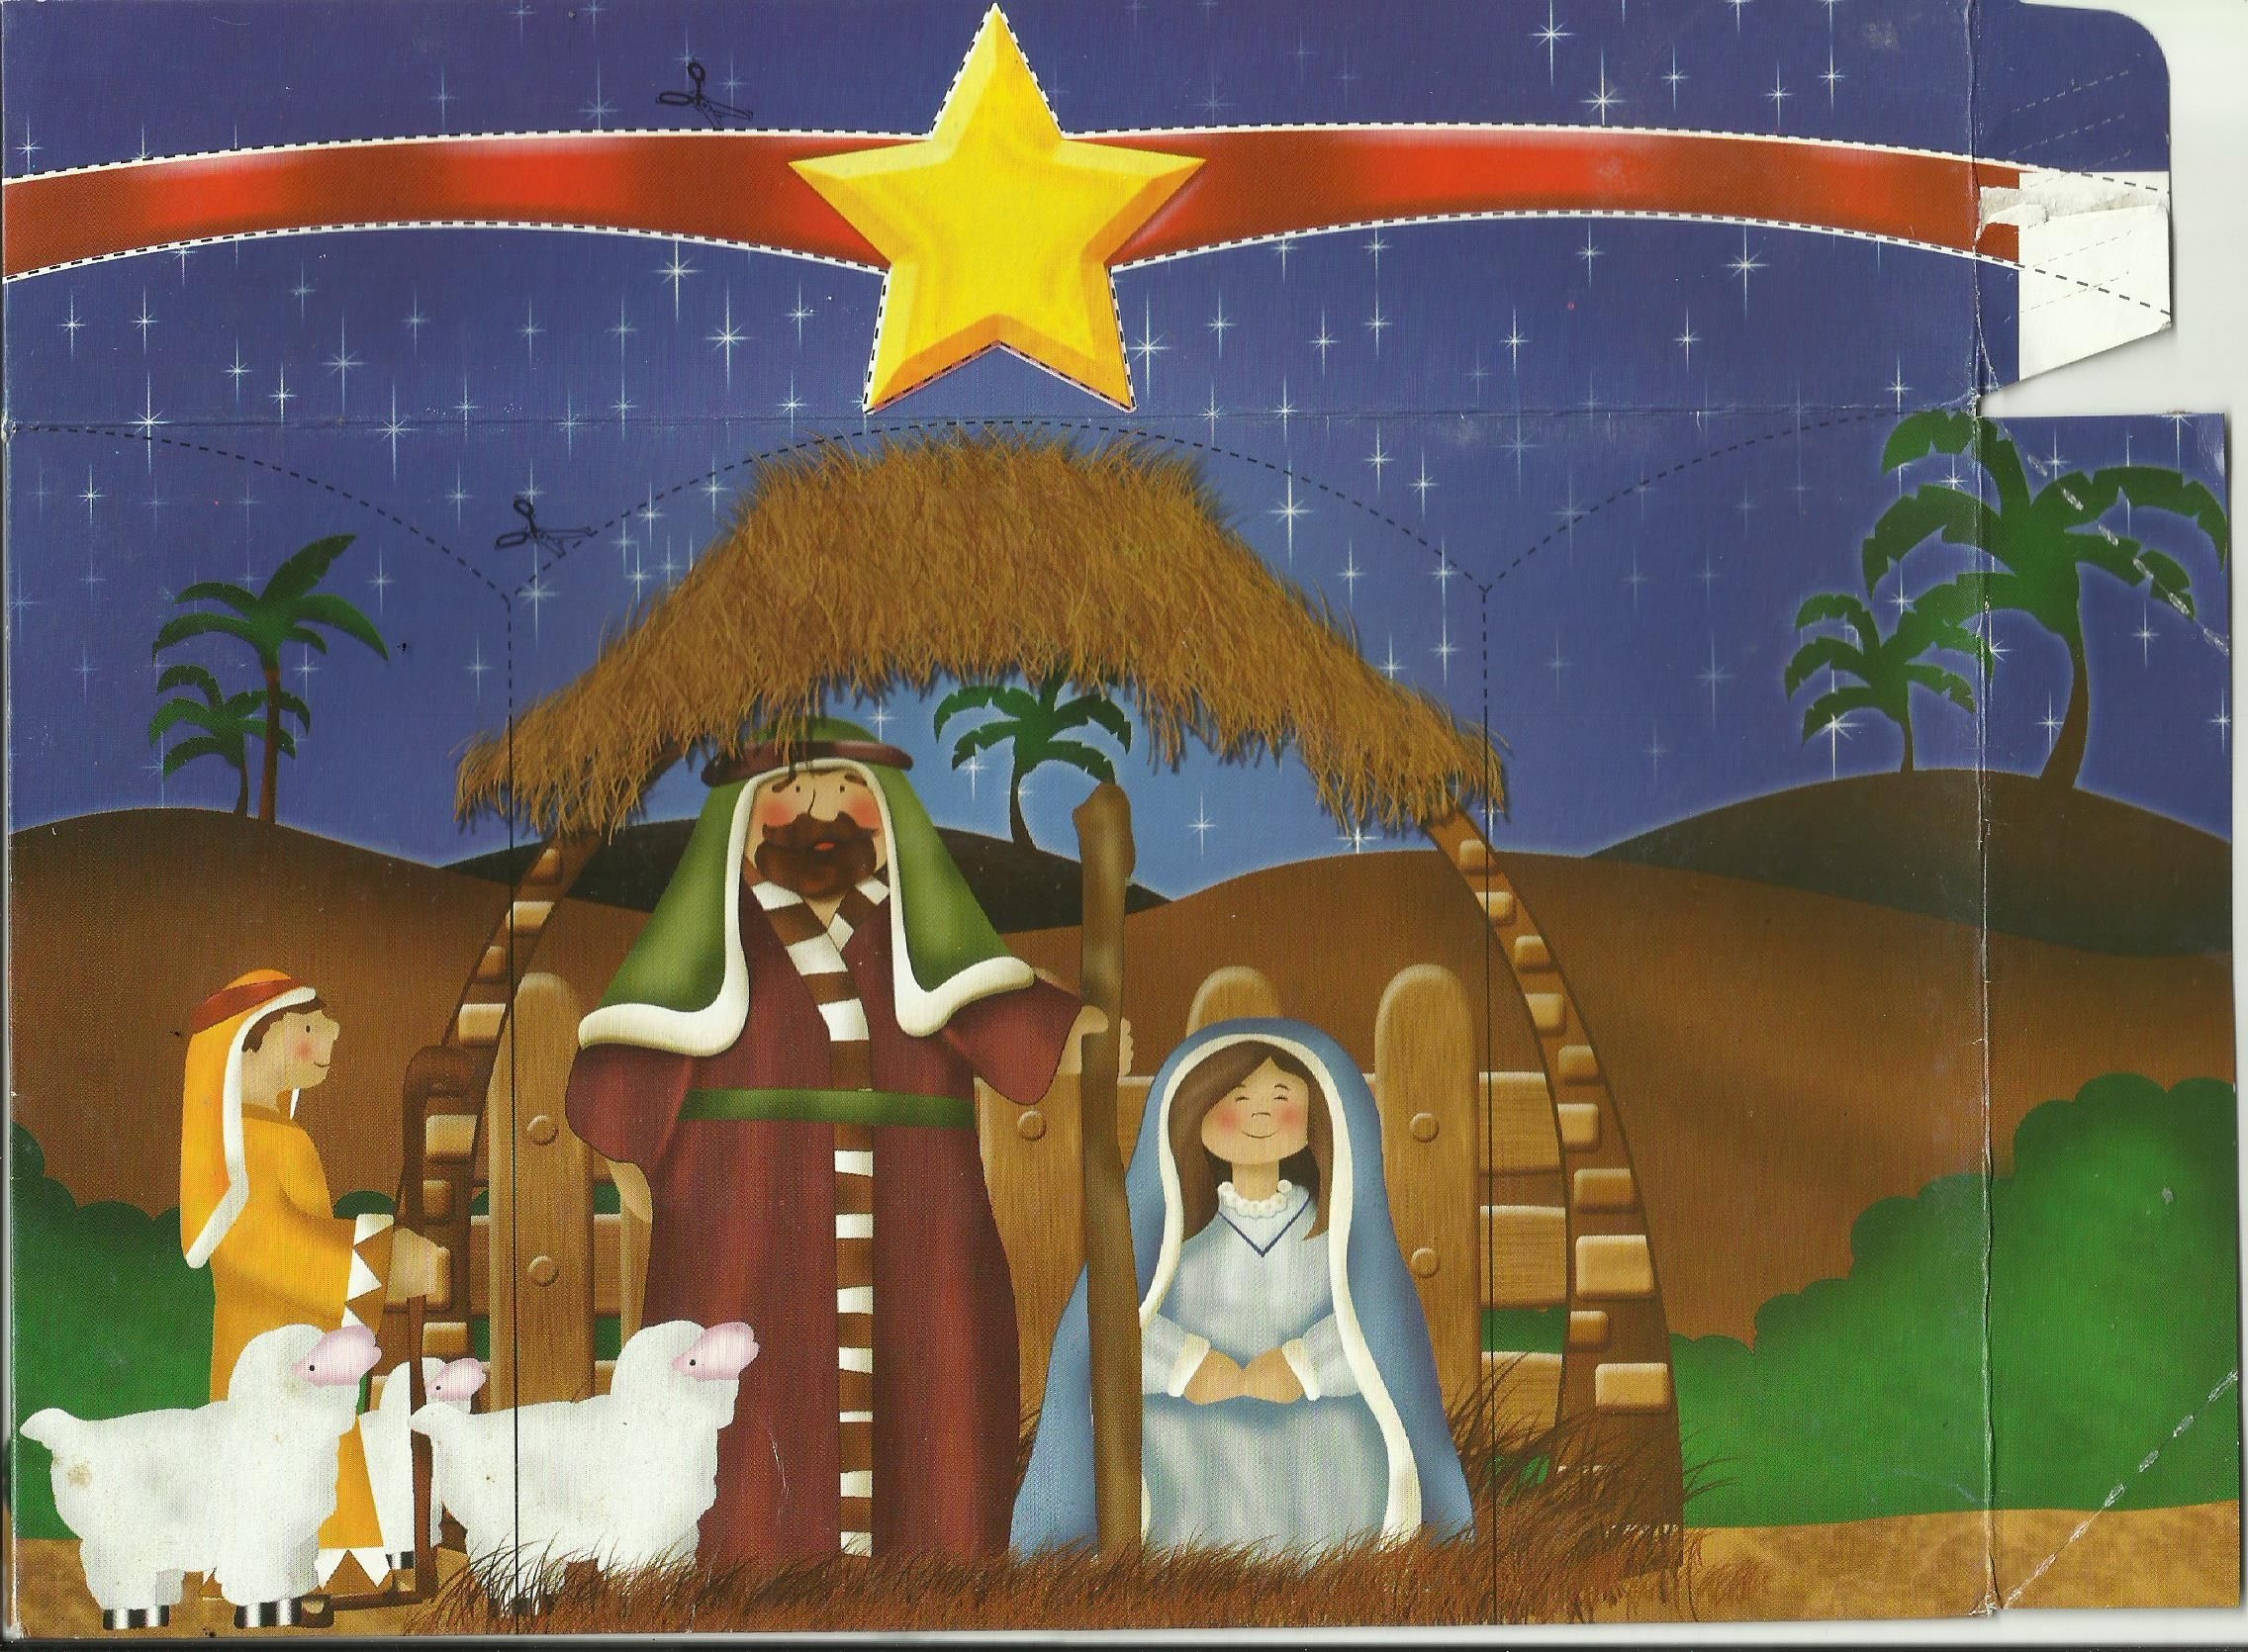 Imagen del Nacimiento del Niño Dios en el empaque de galletas Caravana 2006